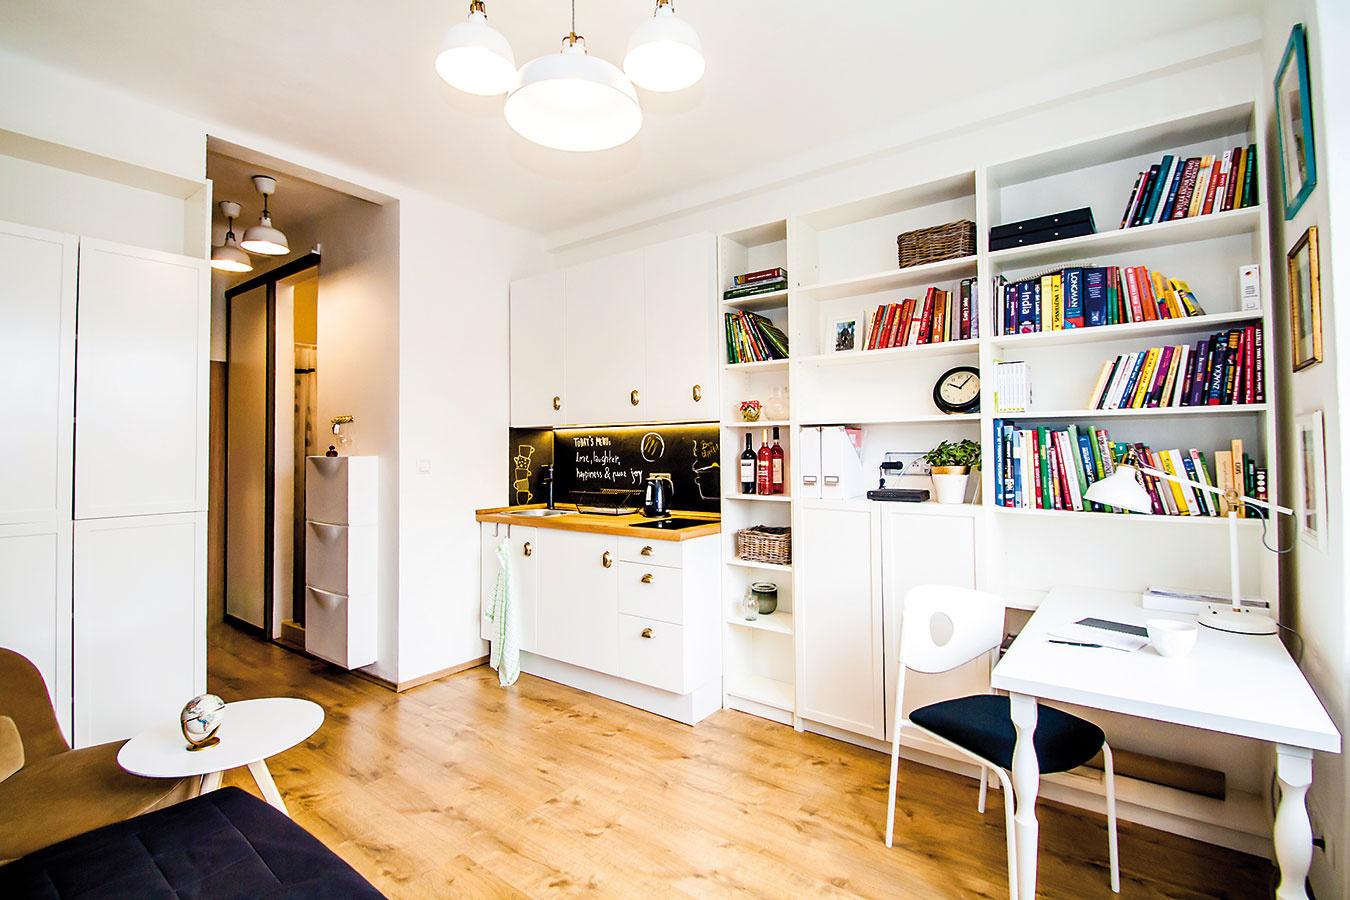 Nenápadná kuchyňa. Kuchynská linka dizajnovo dôsledne zakomponovaná do nábytkovej zostavy je vhodná, ak sa vpriestore varí povedzme len raz denne. Účel splní anezaberie vizuálne veľa miesta.